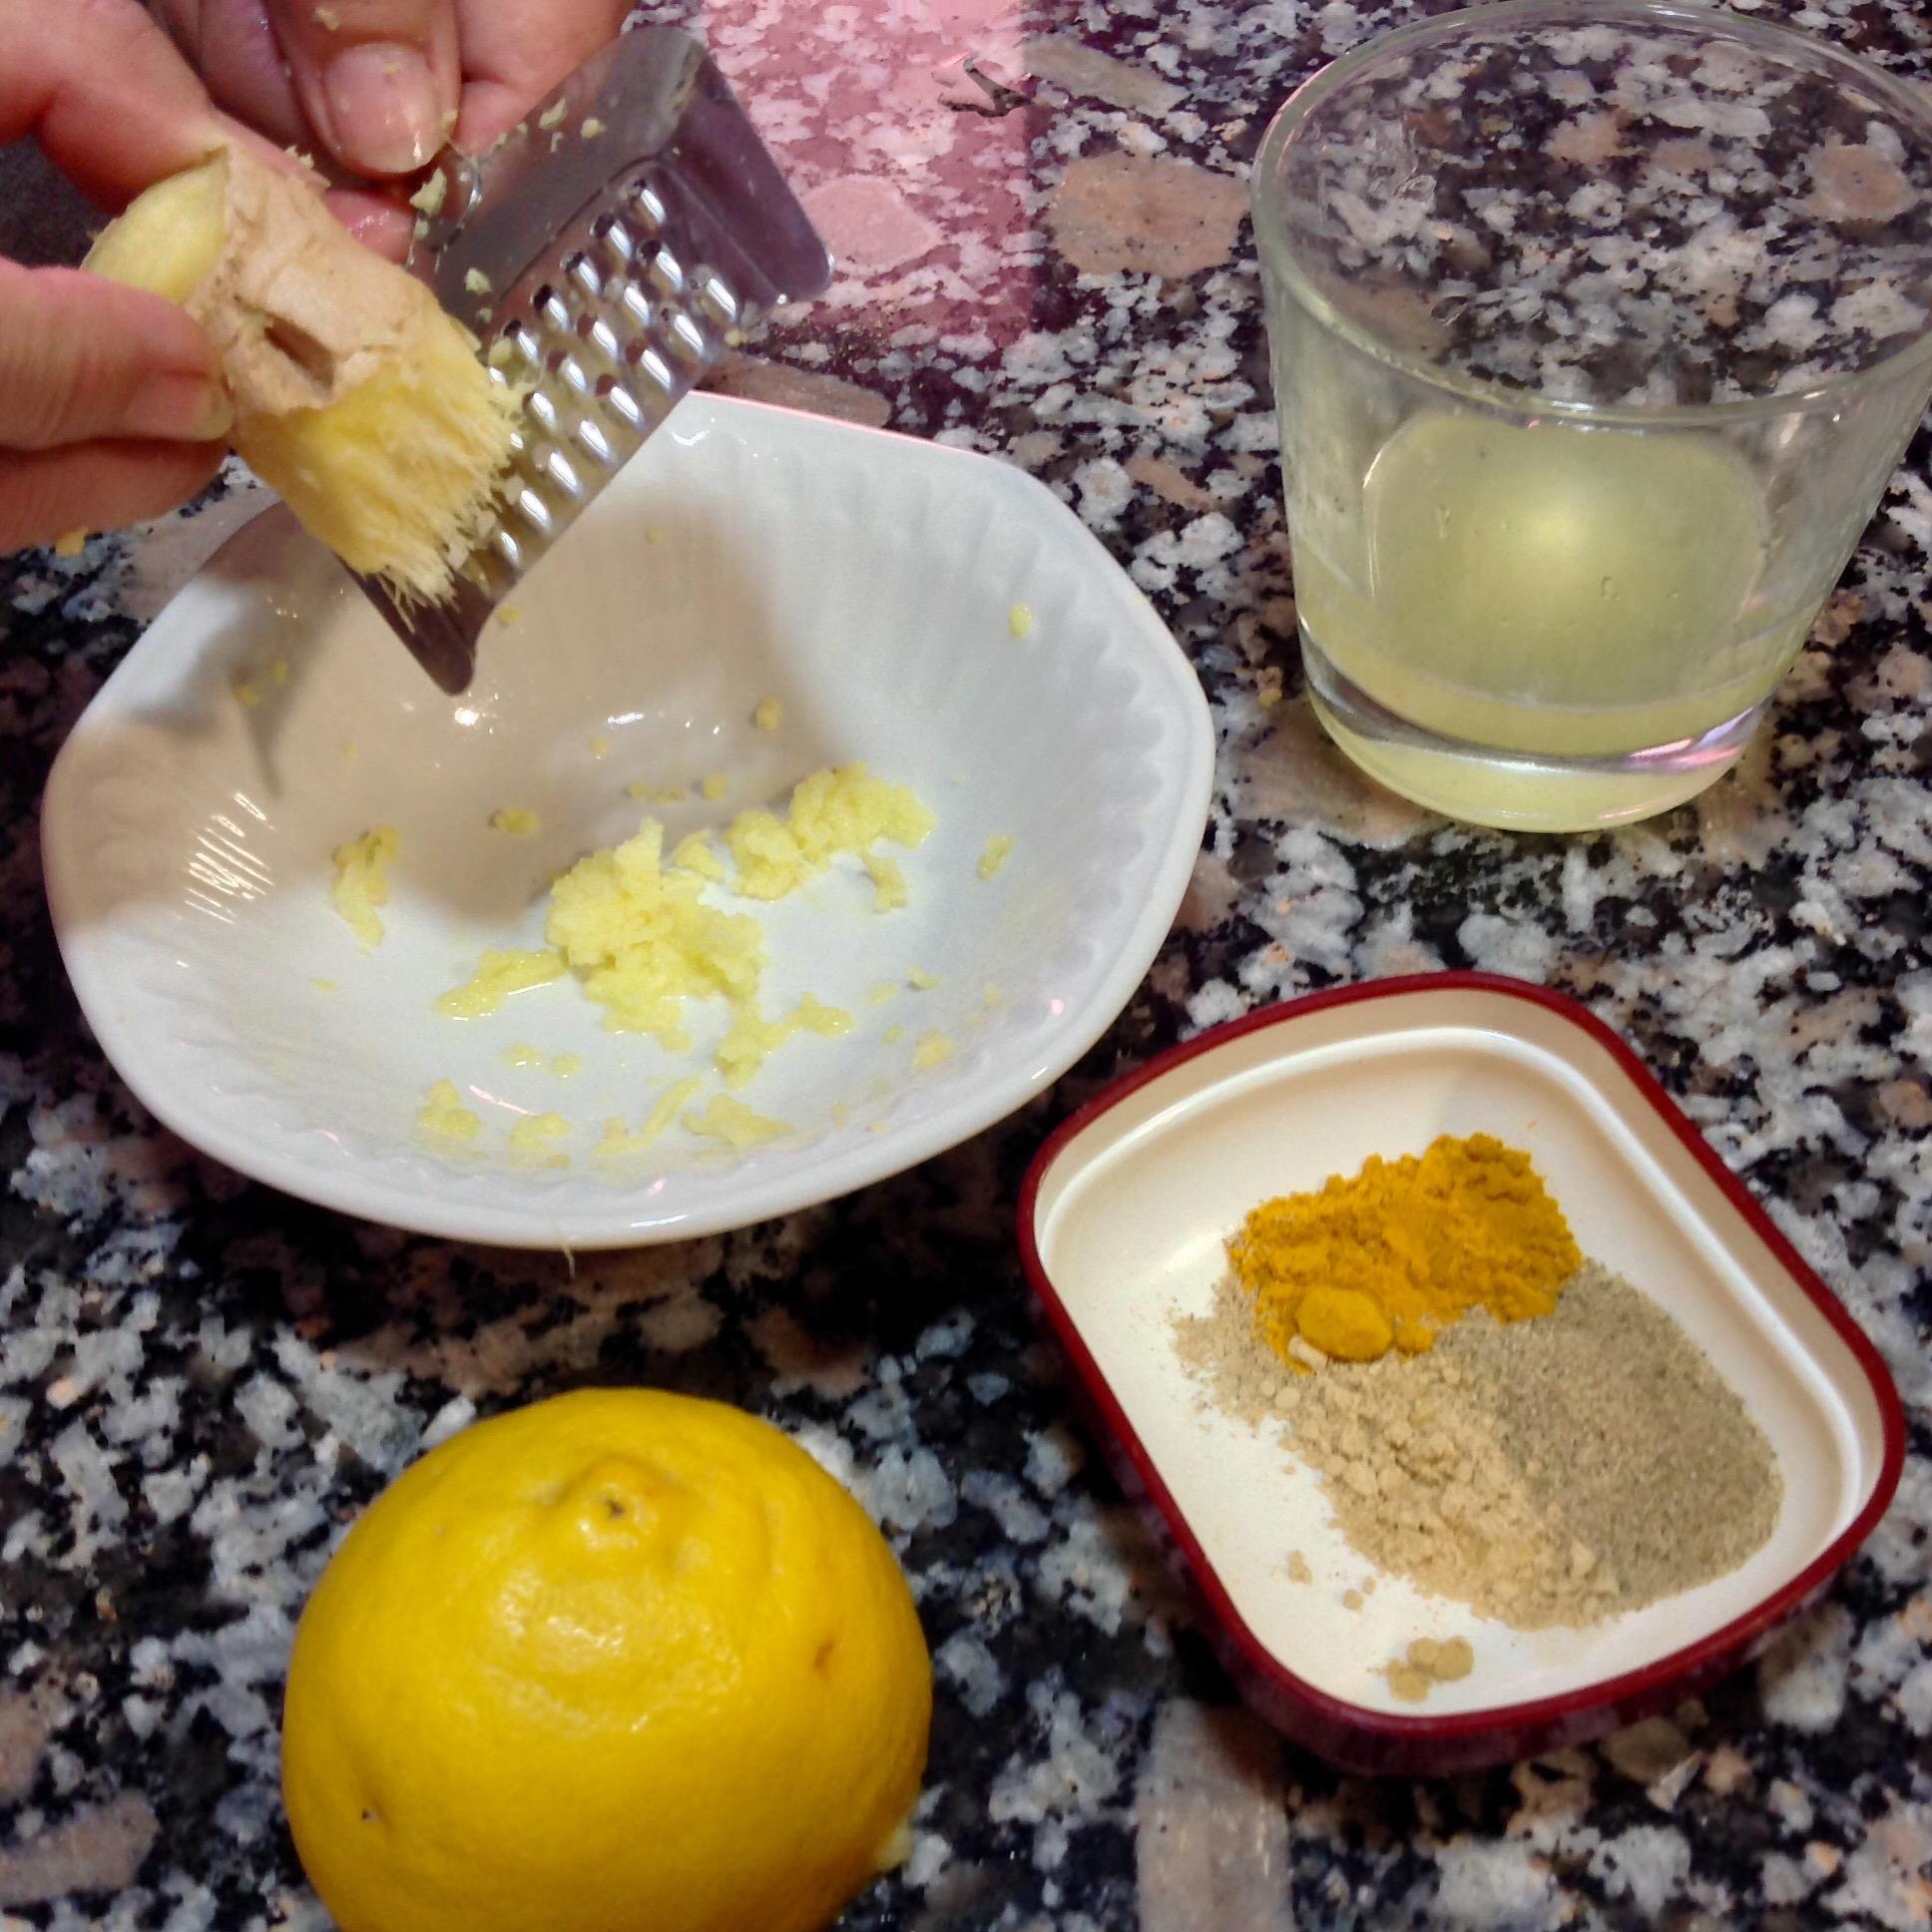 Preparando las especias para el arroz vegano.